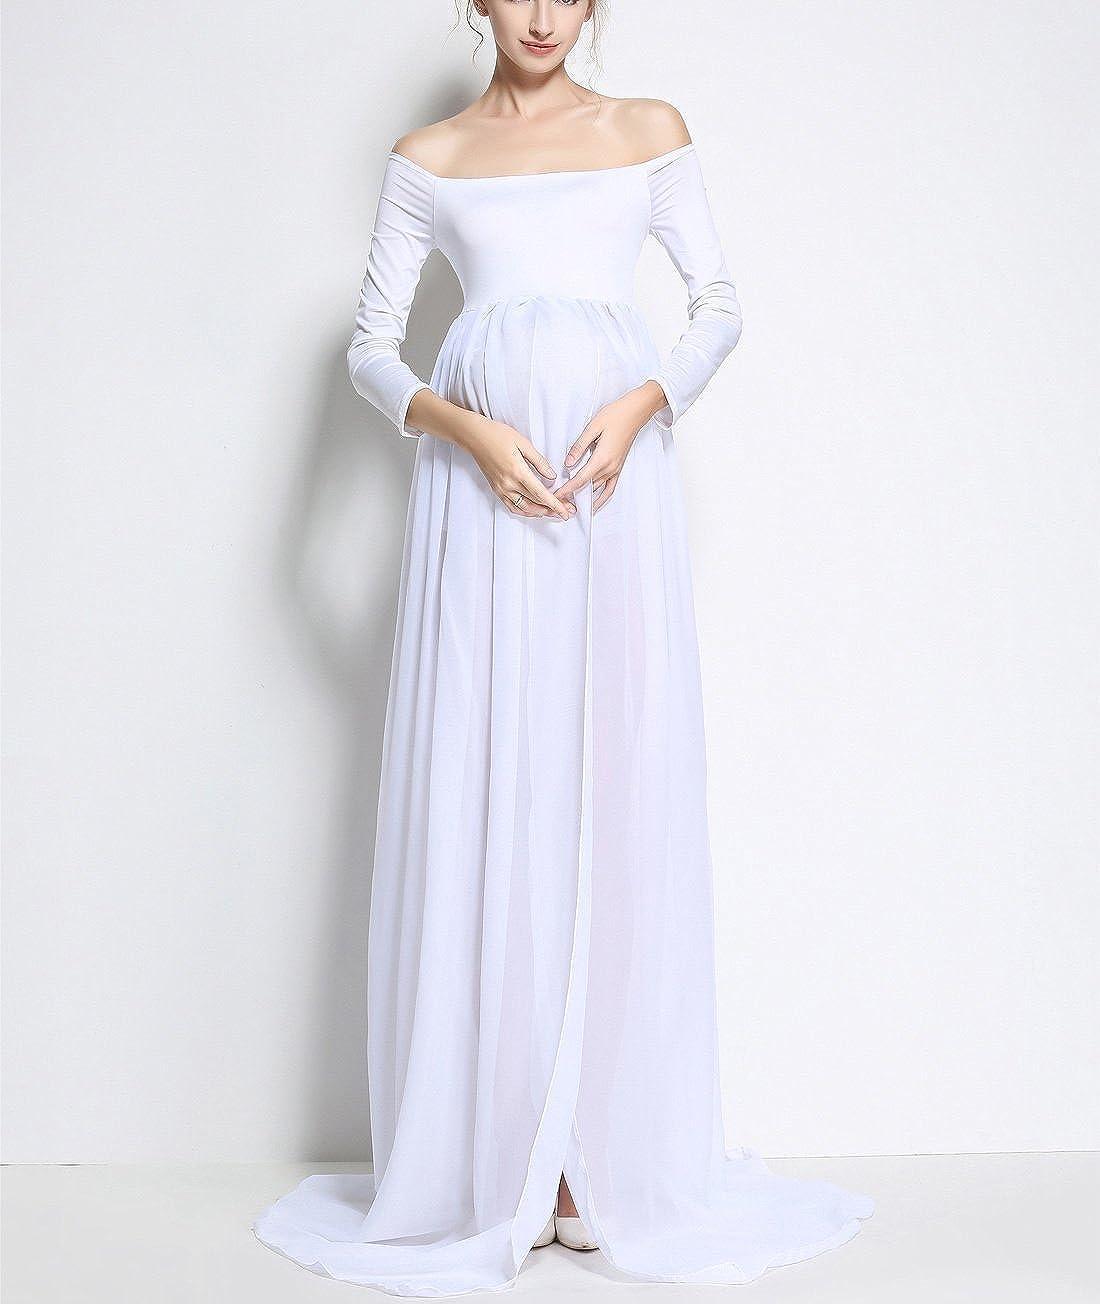 FEOYA Vestido Largo de Maternidad Dividido con Manga Larga Cuello Barco Fotografía Algodón Elegante XL-2XL: Amazon.es: Ropa y accesorios